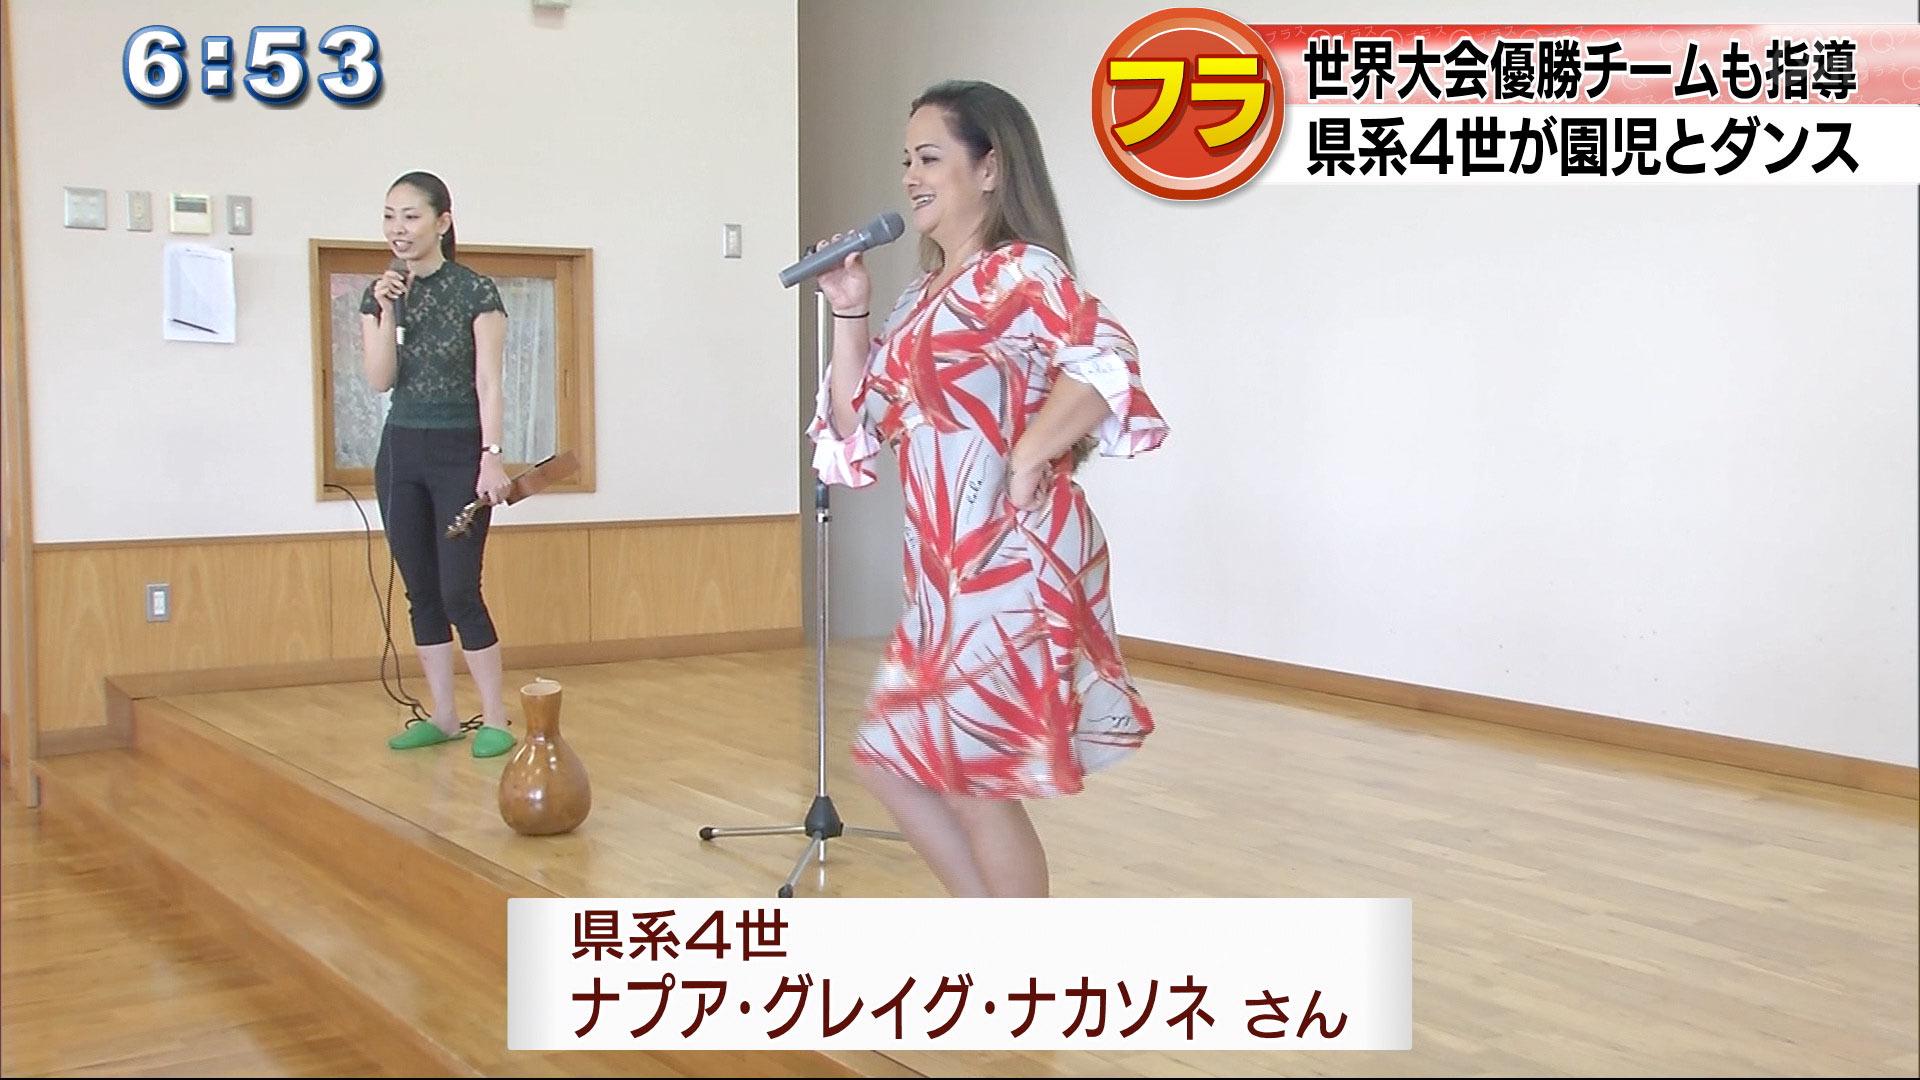 沖縄4世が子供たちにフラダンス教室